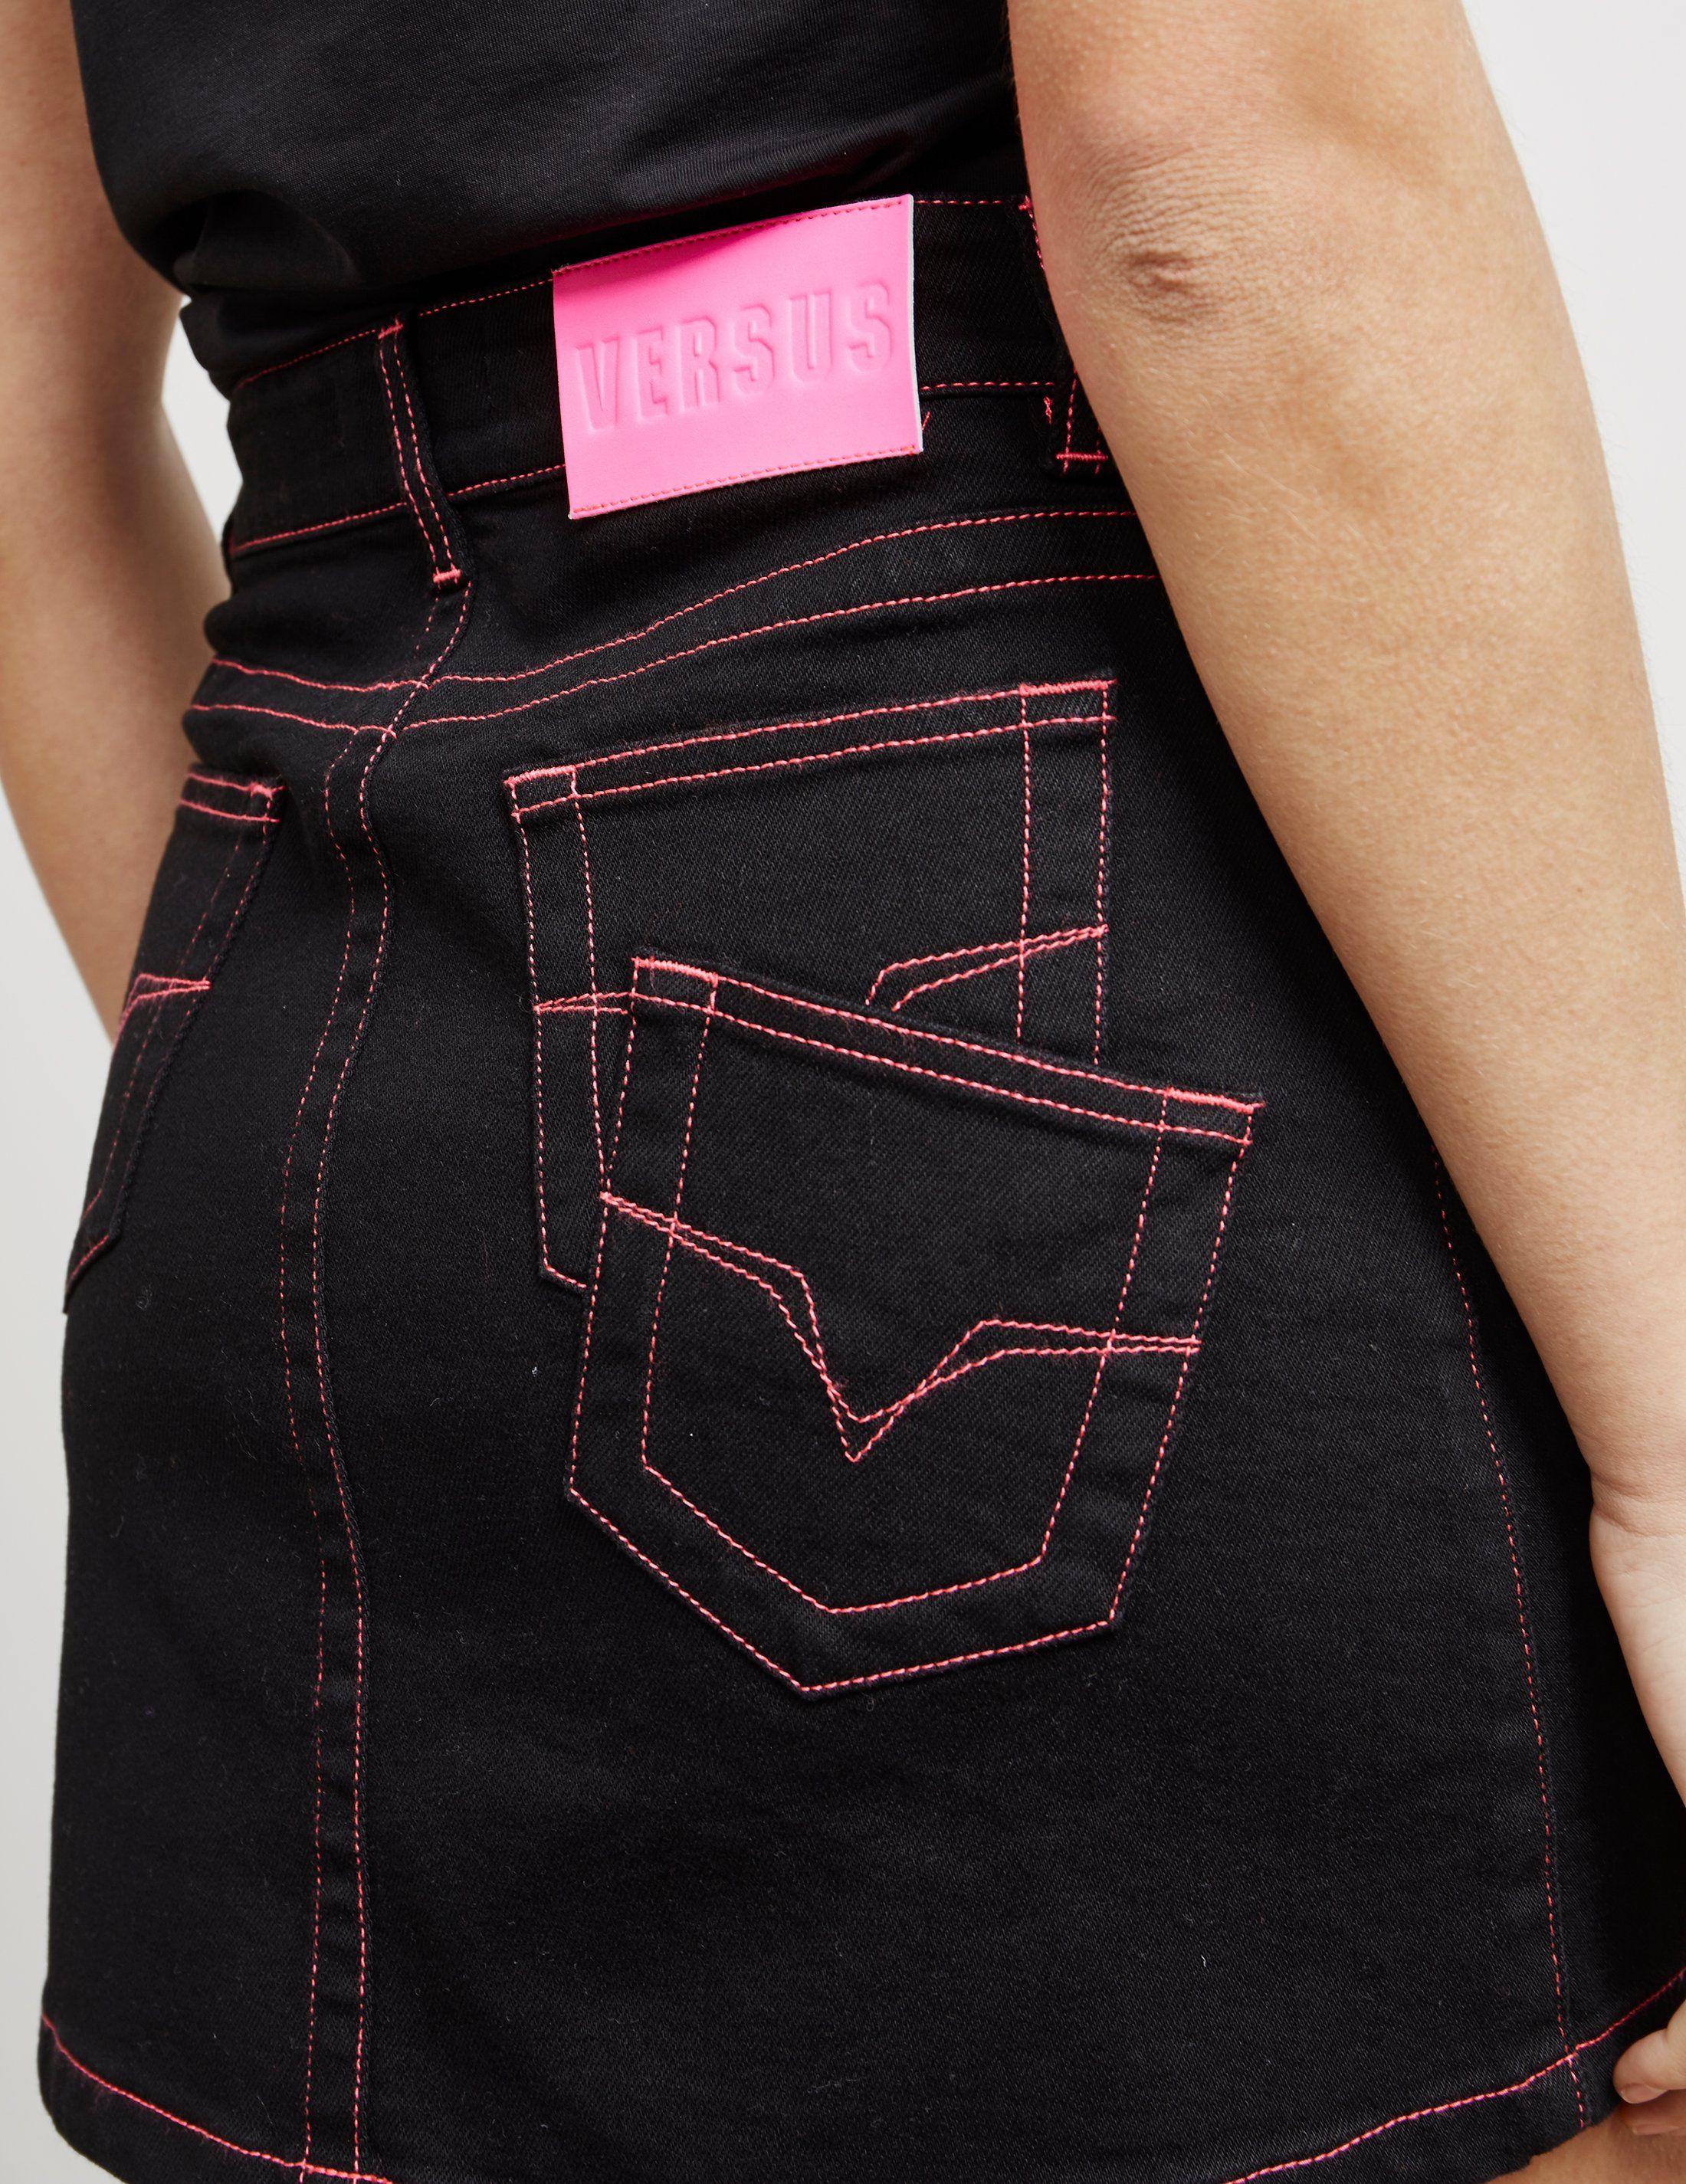 Versus Versace Denim Mini Skirt - Online Exclusive